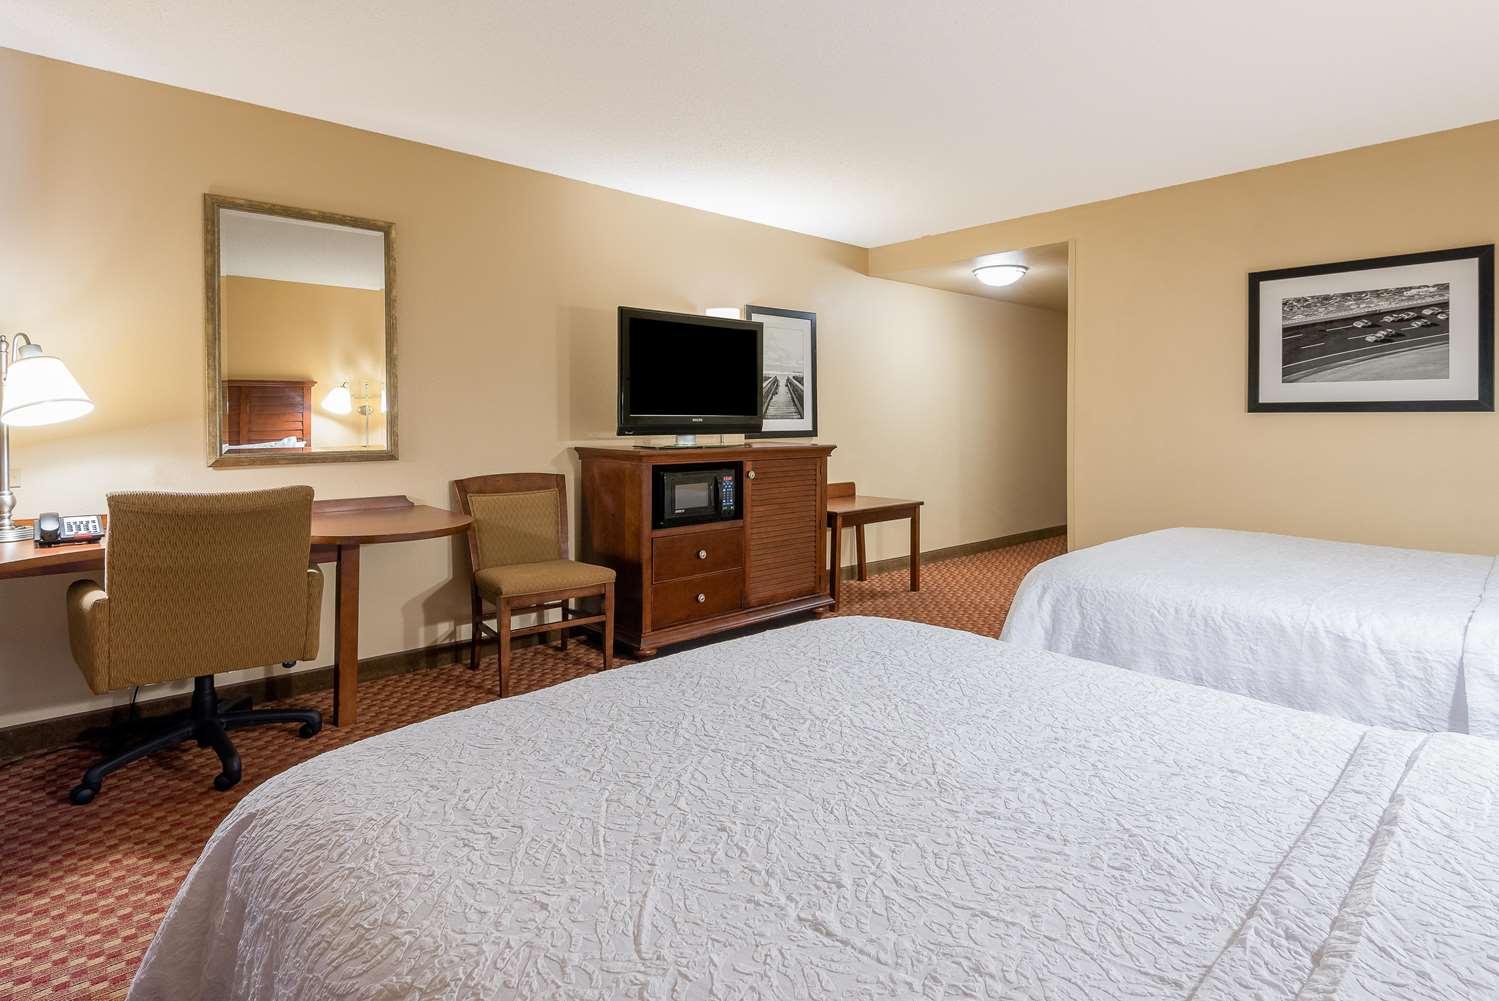 Room - Hampton Inn & Suites North I-95 Florence